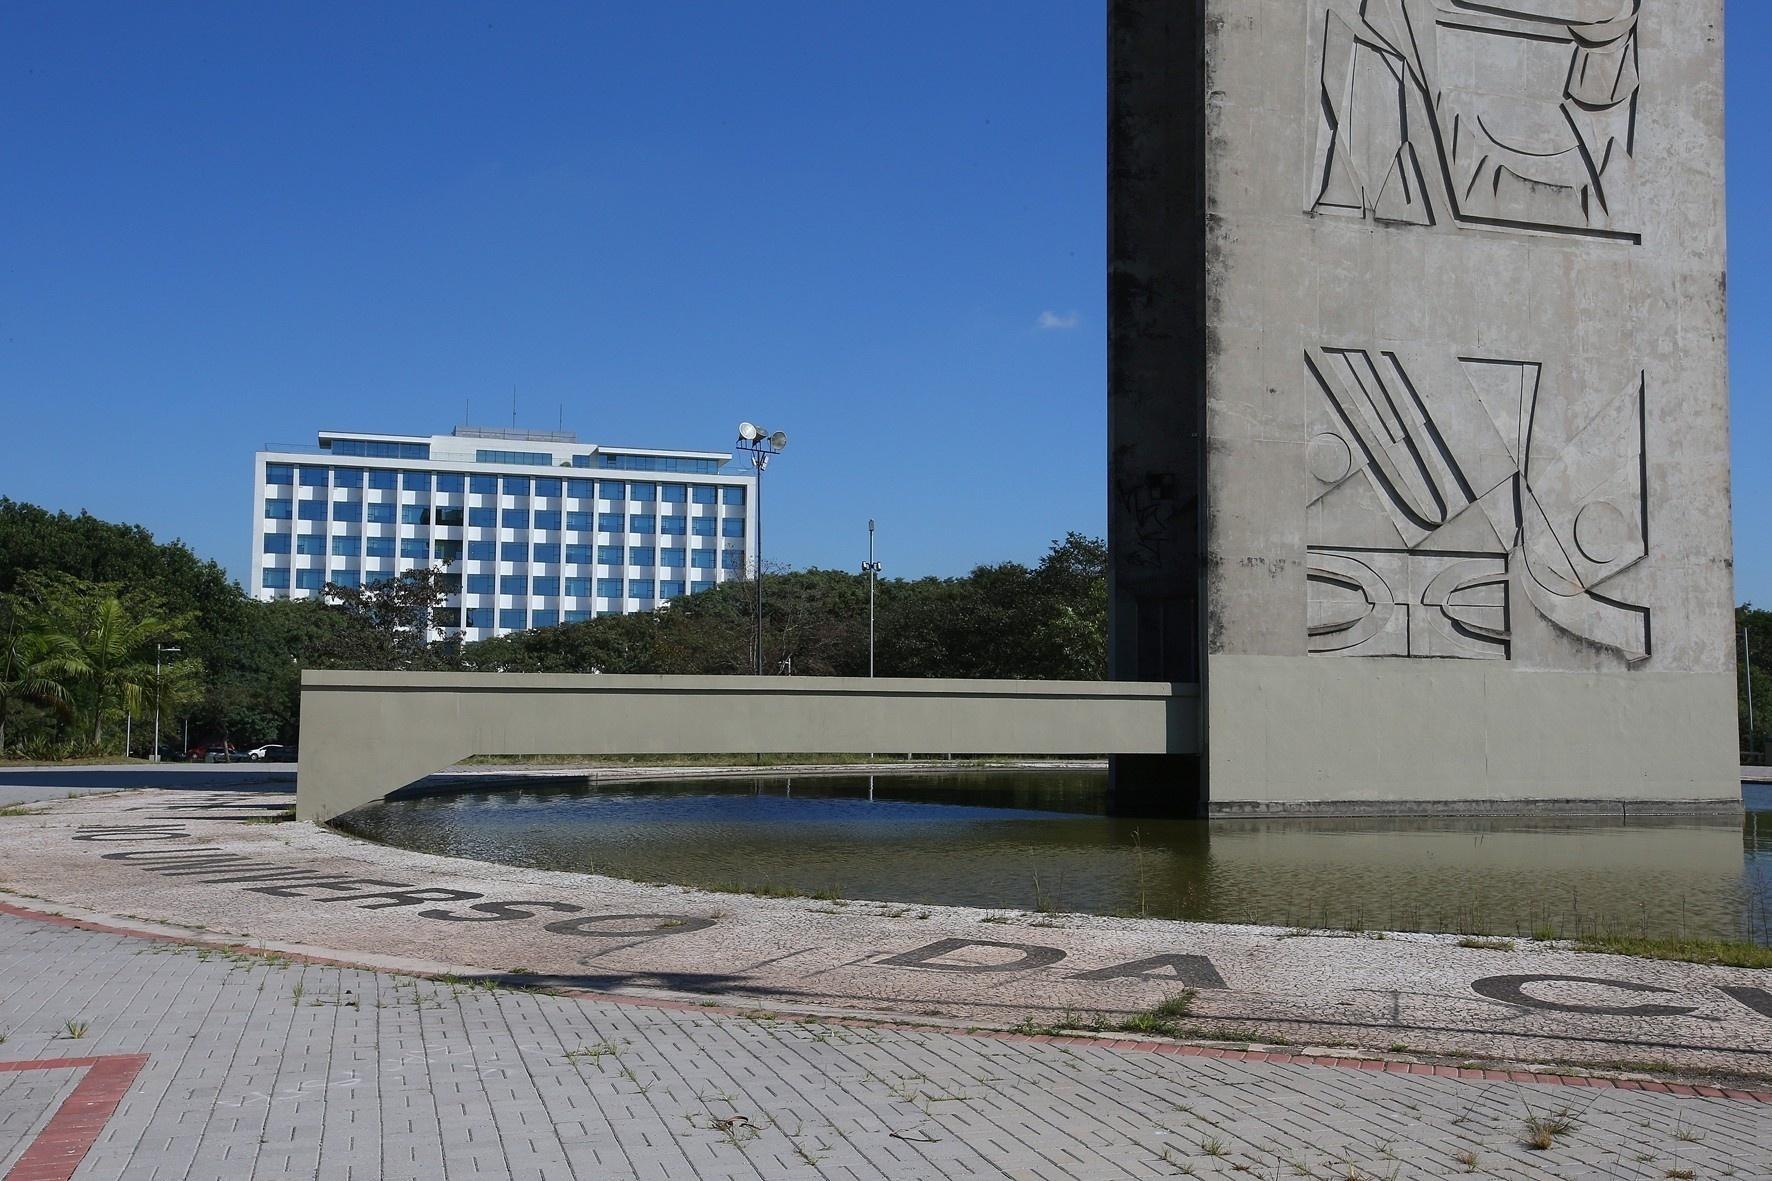 usp cidade universitaria praca do relogio reitoria v2 1772x1181